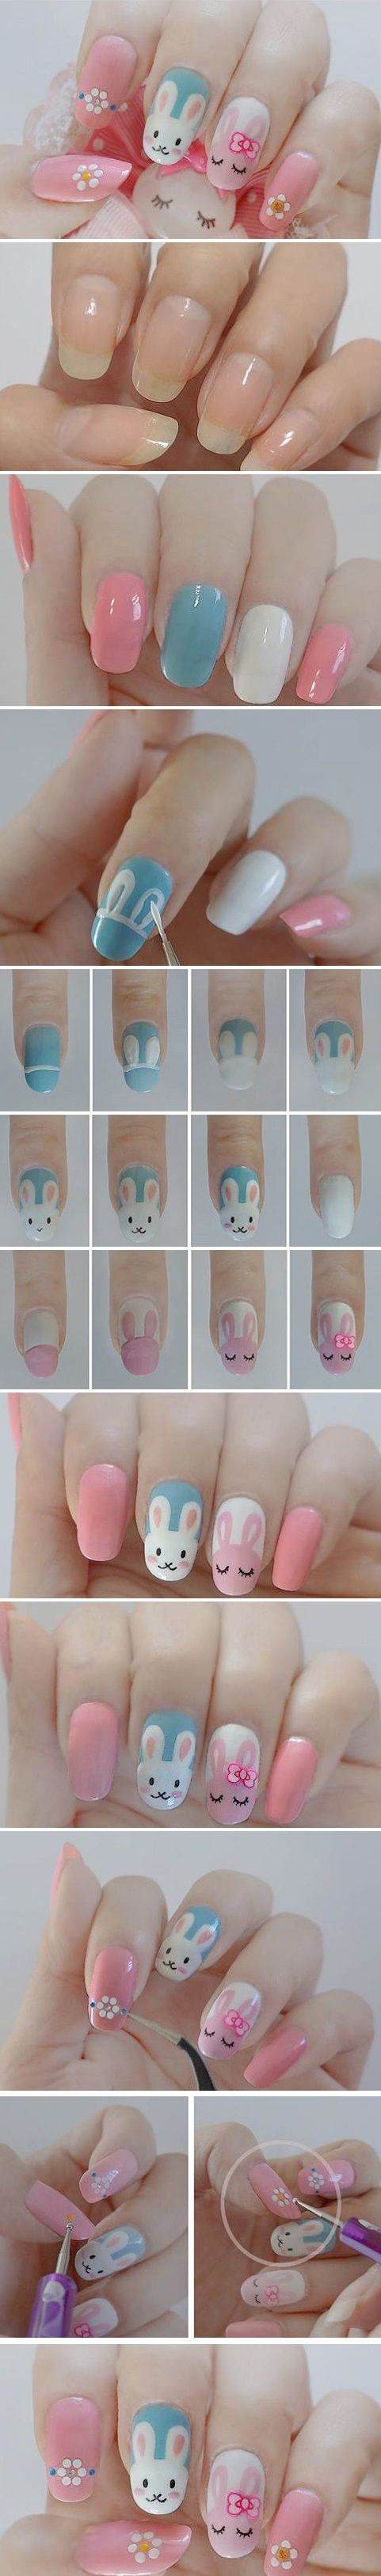 Hermosas uñas con conejitos de pascua - http://xn--decorandouas-jhb.com/hermosas-unas-con-conejitos-de-pascua/